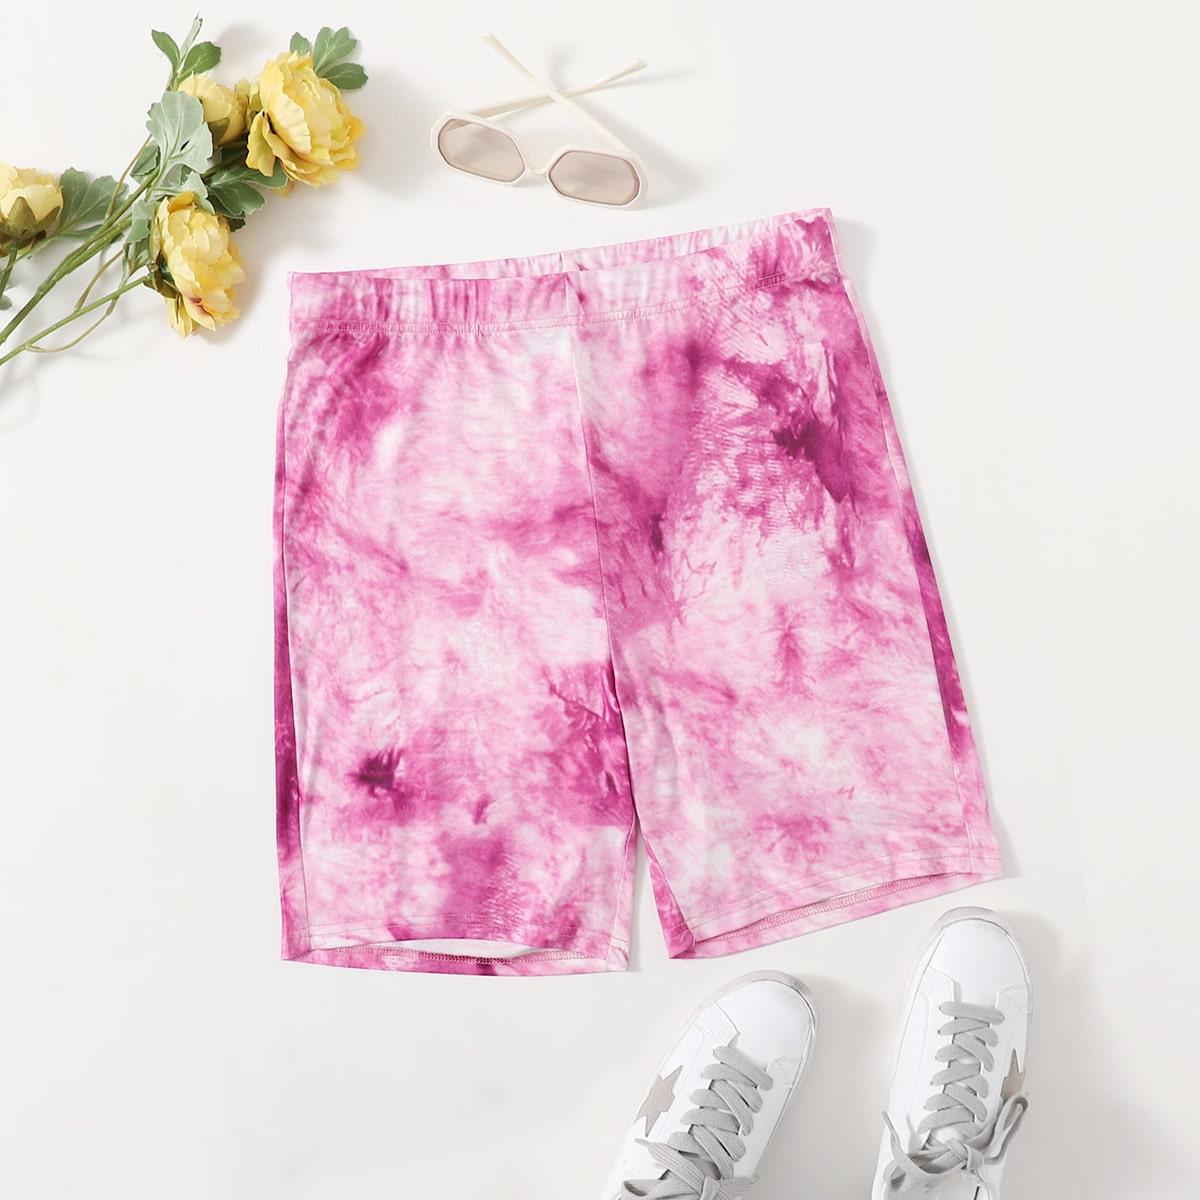 SHEIN Casual Tie dye Grote maat: legging